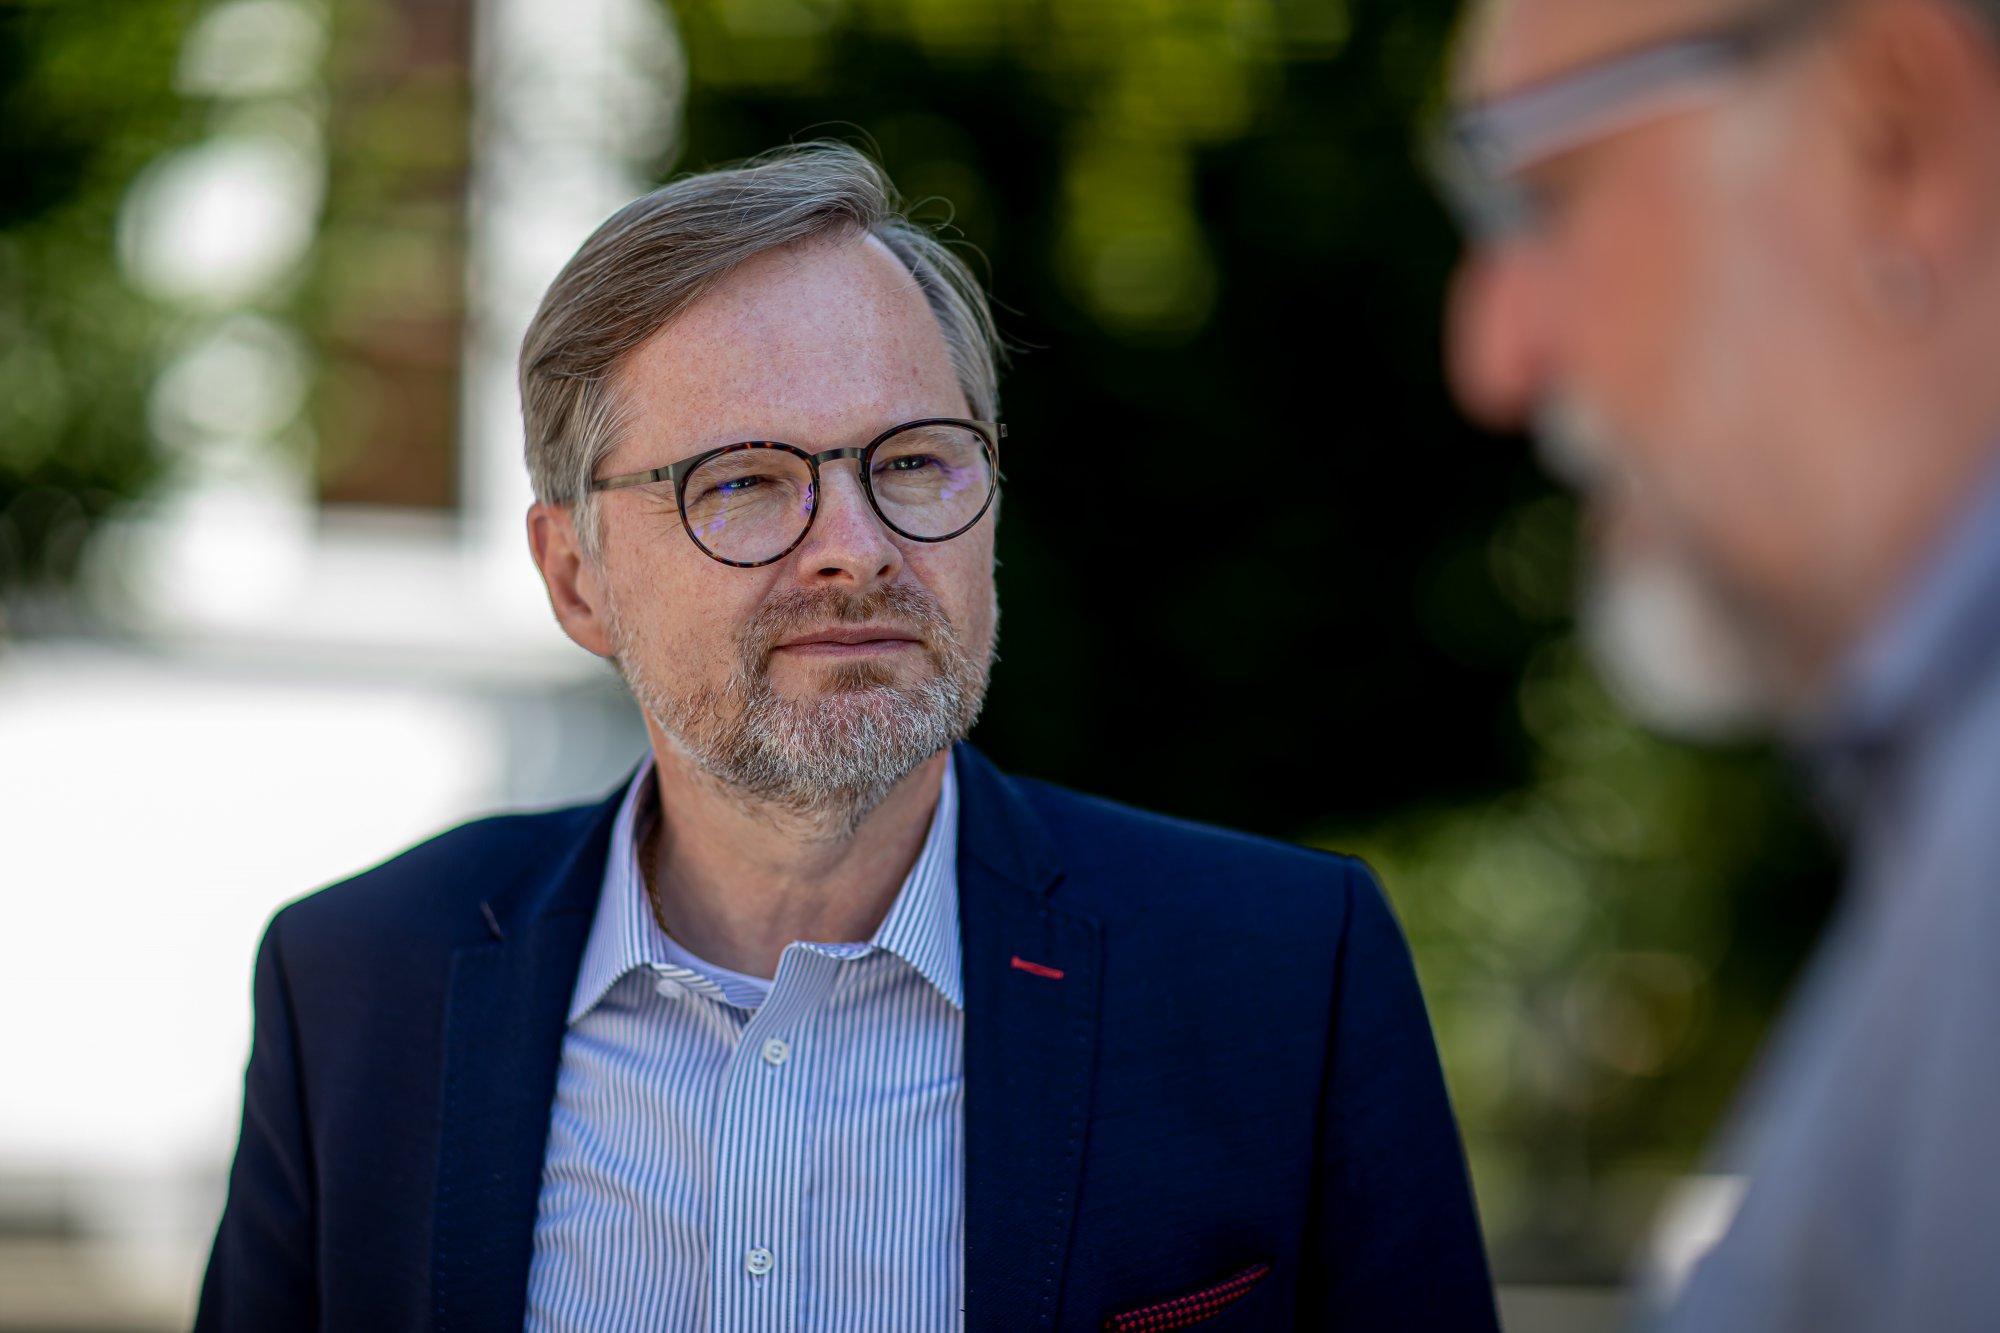 Petr Fiala: Ke snížení daní: Bude to tlak na vlády, aby braly vážně krocení výdajů. Koalice s ANO je vyloučená